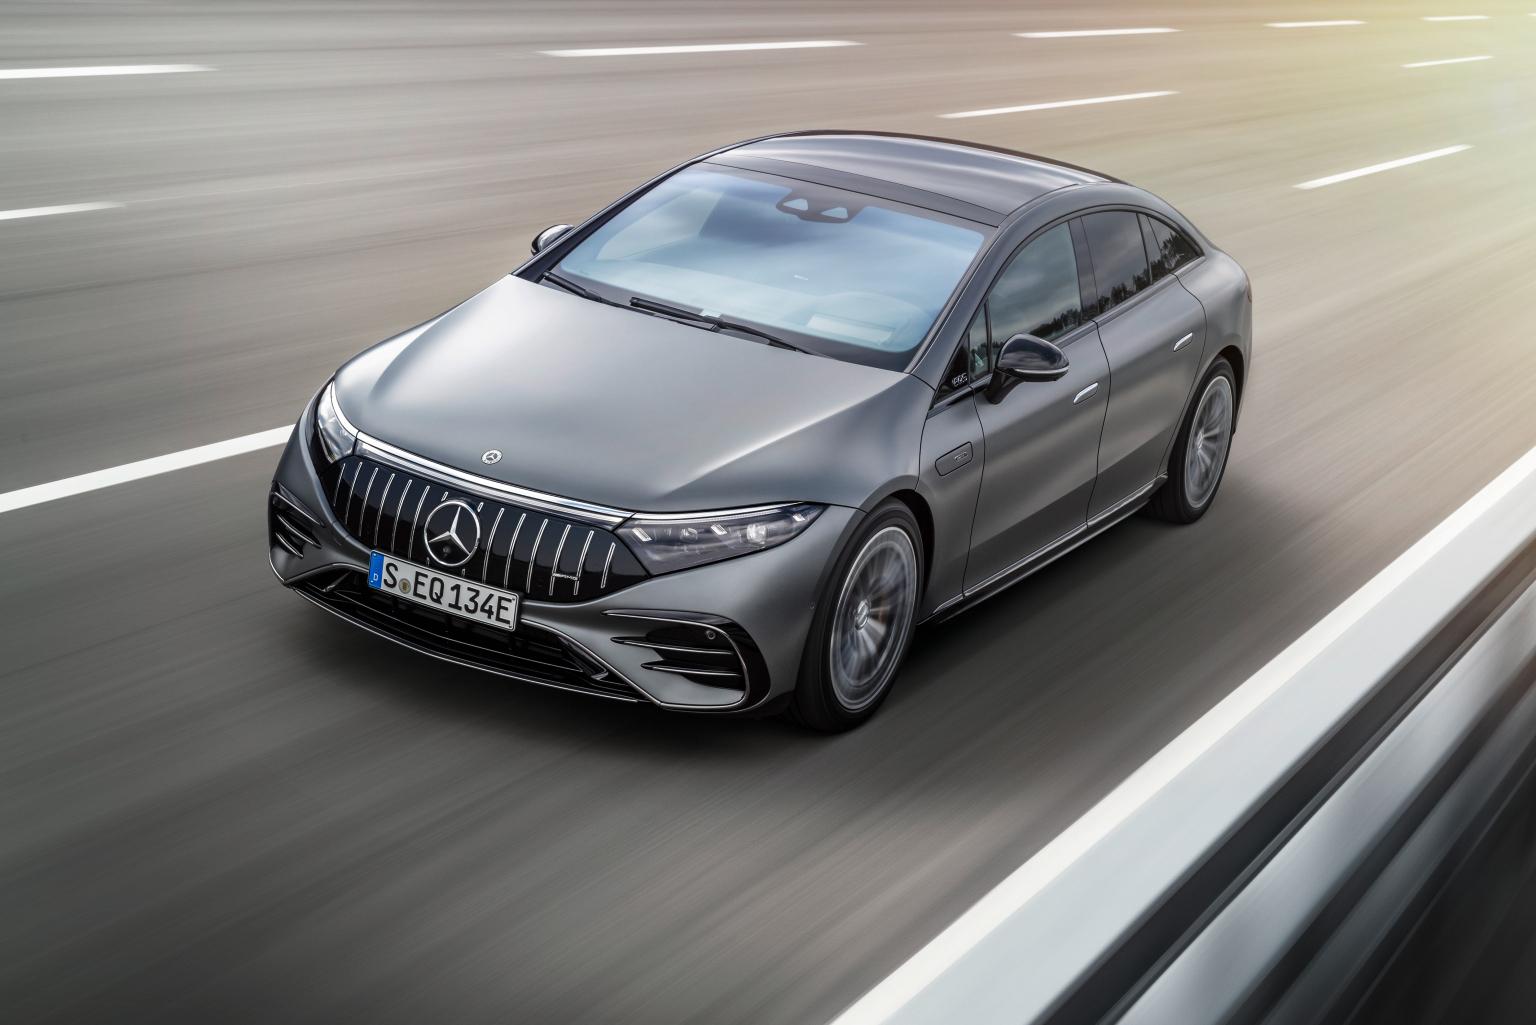 Mercedes-AMG EQS 53 4MATIC+, 2021Mercedes-AMG The EQS 53 4MATIC